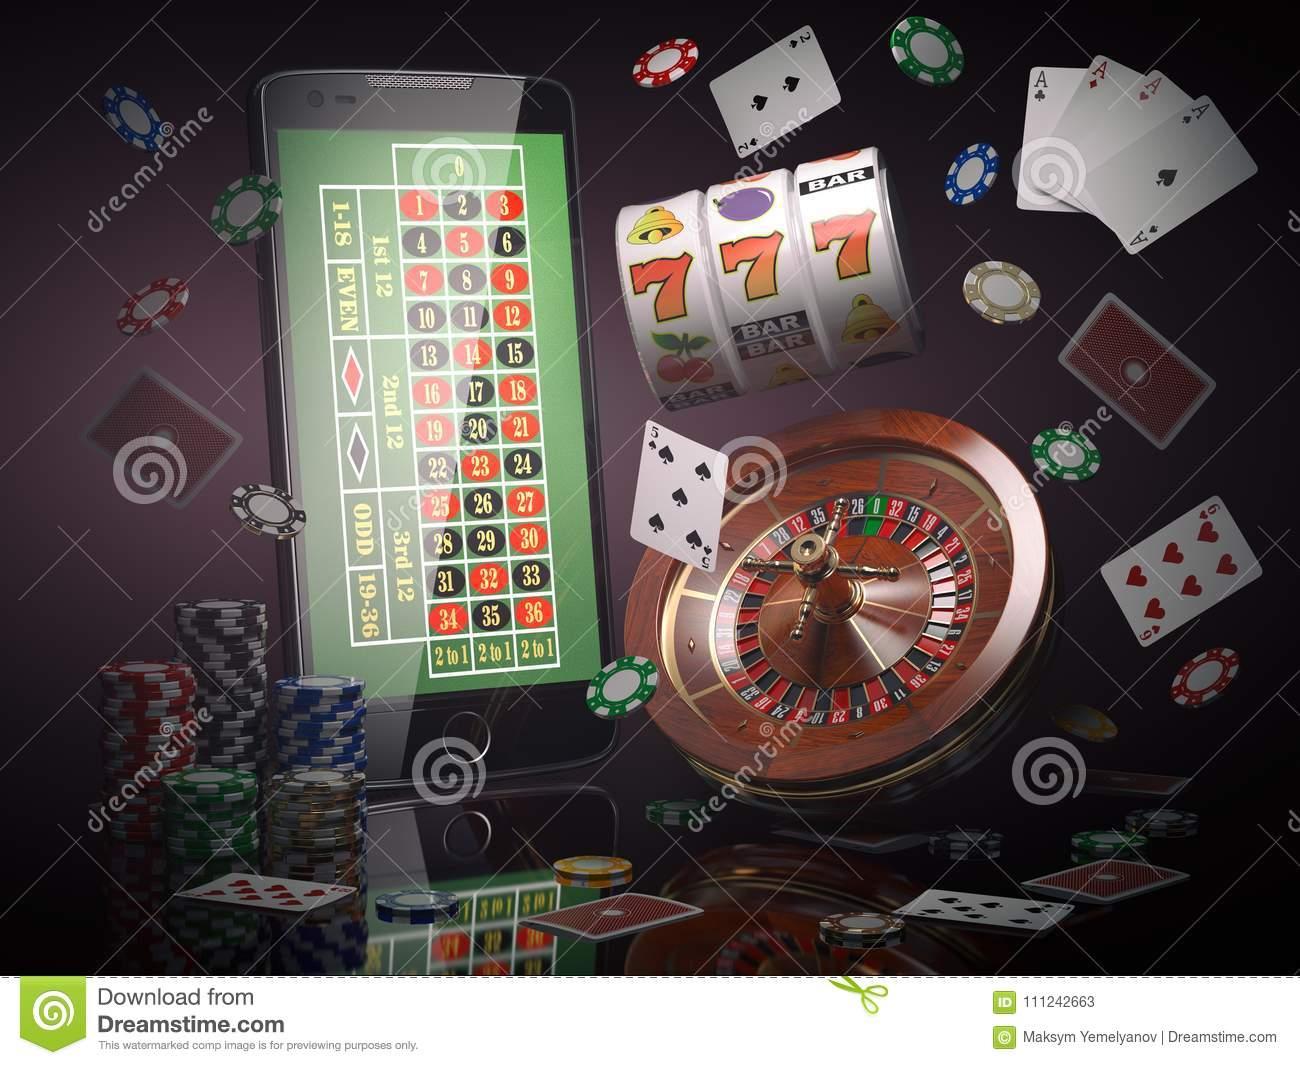 Скачать хок казино смотреть как мистик и лаггер играют в майнкрафт карты на прохождение